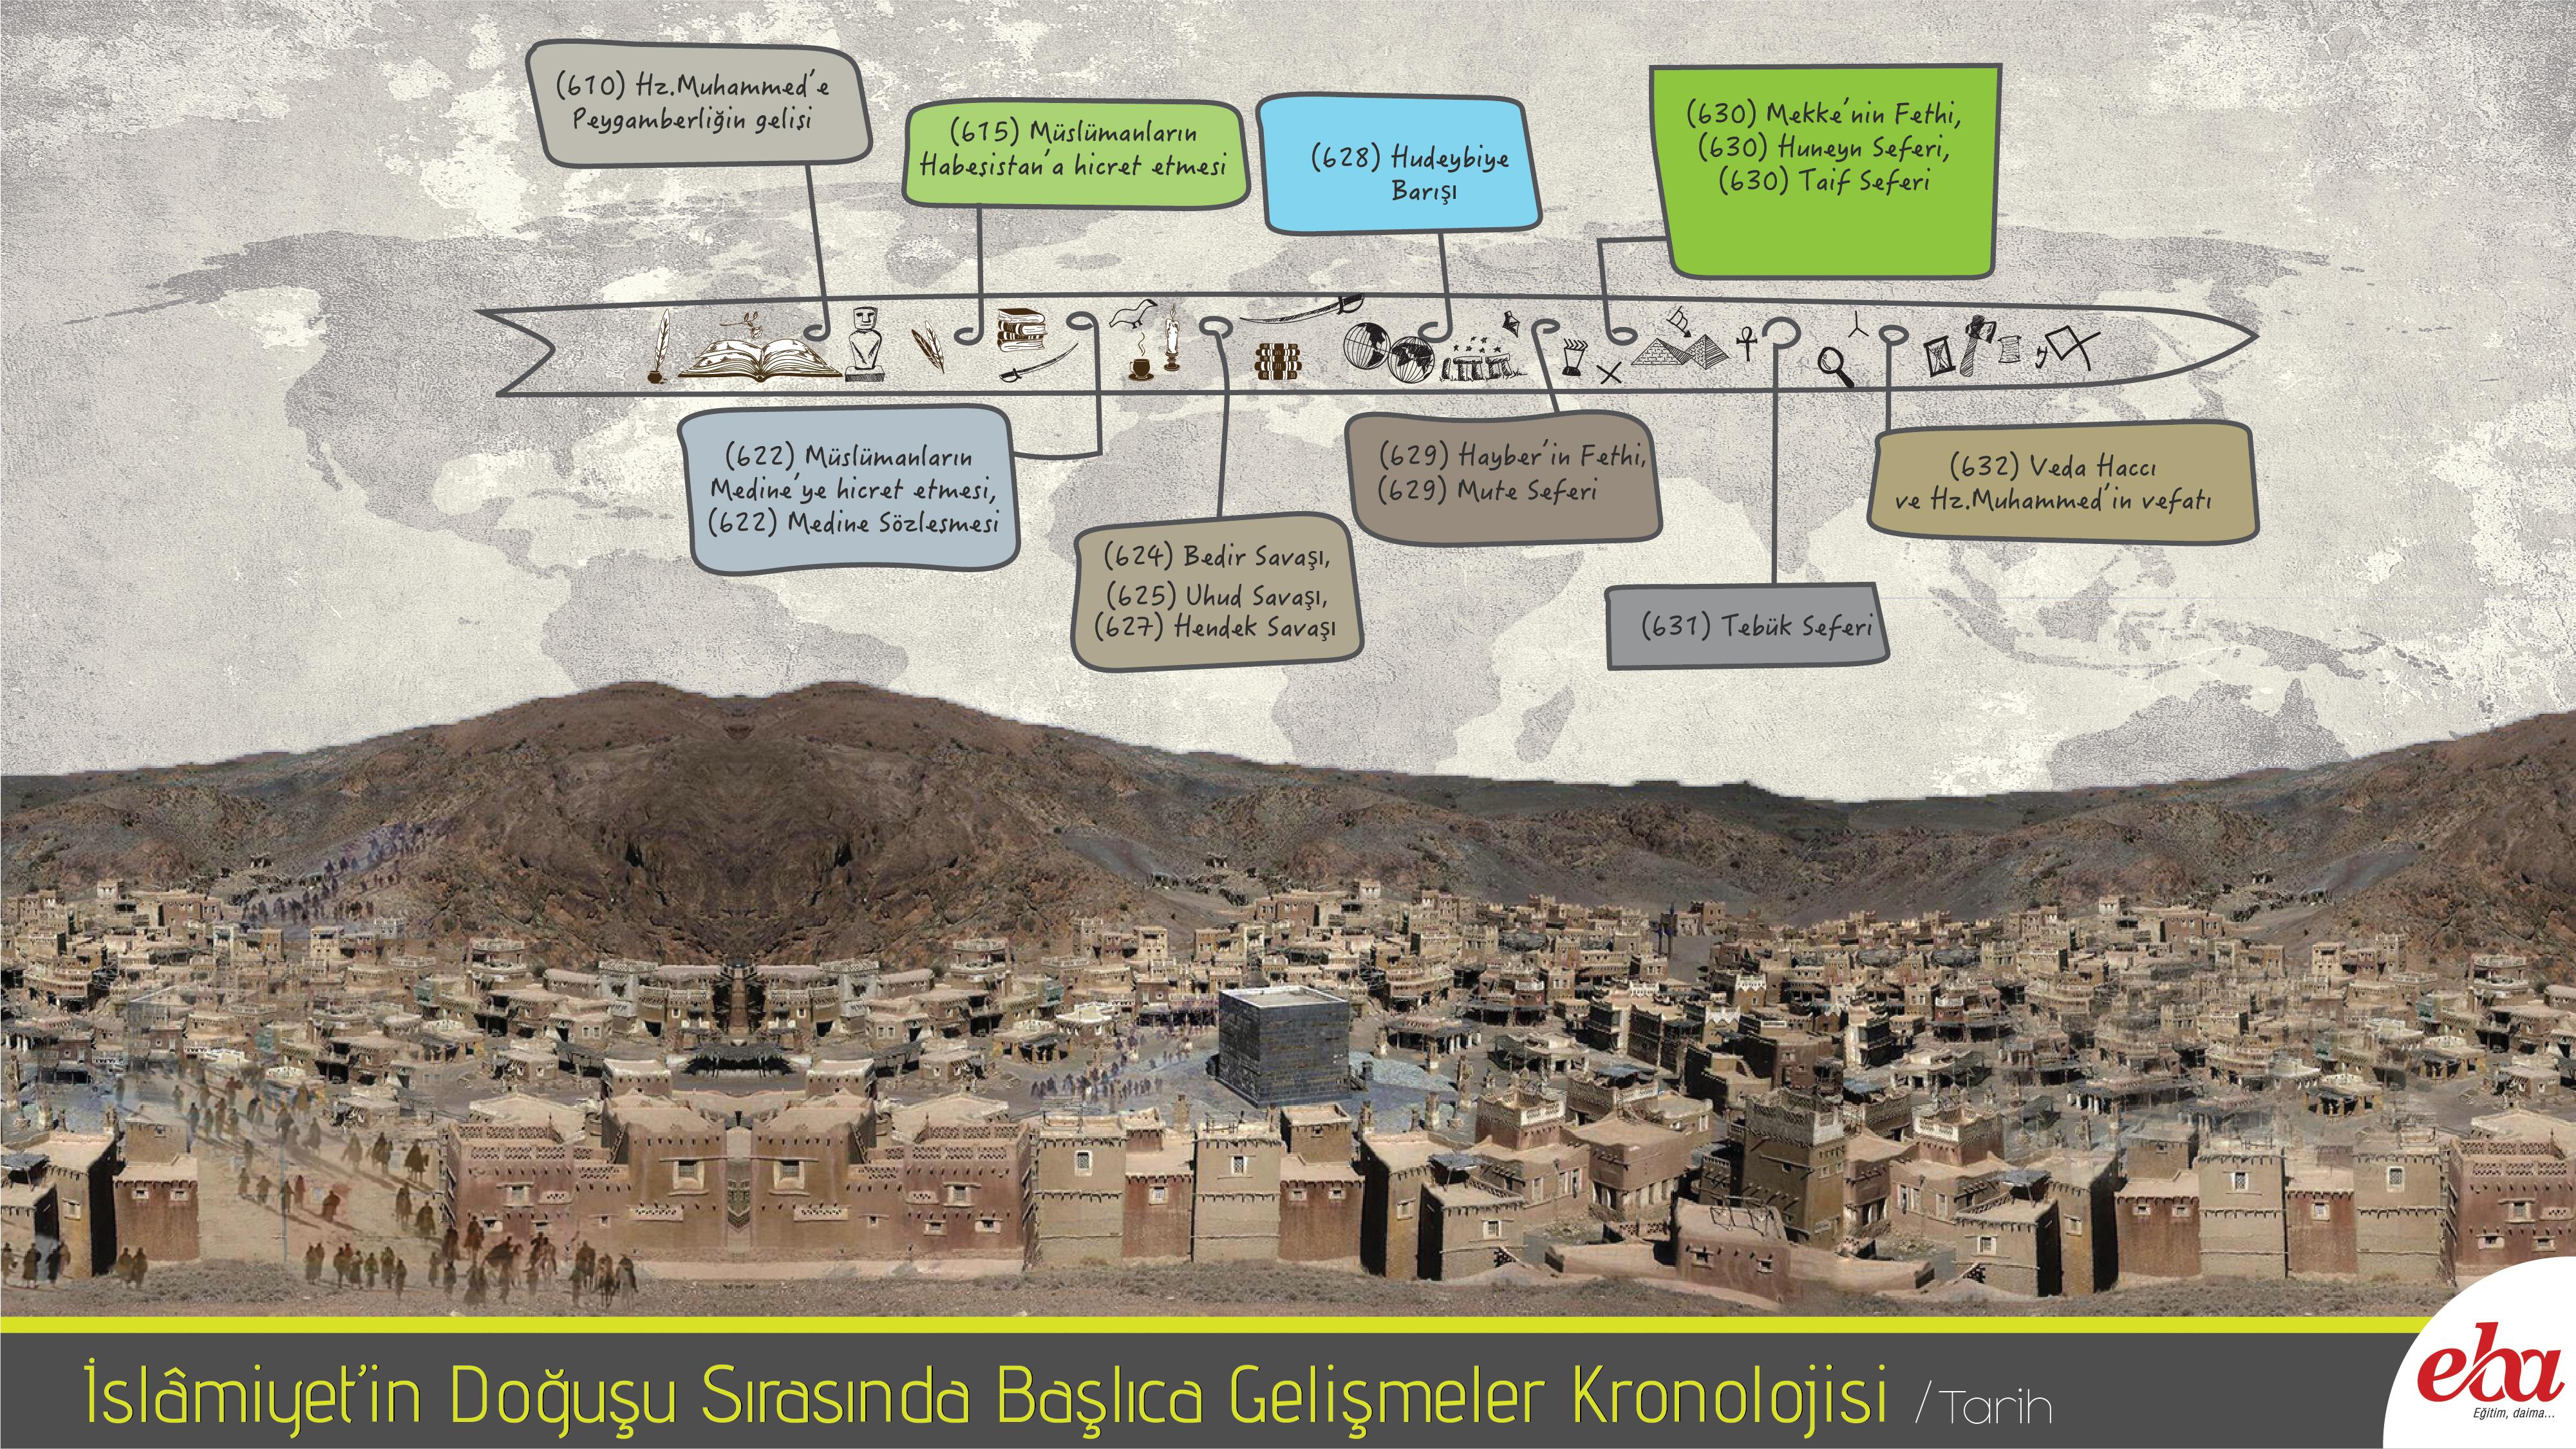 EBA islamiyetin-dogusu-sirasinda-baslica-gelismeler-kronolojisi.jpg